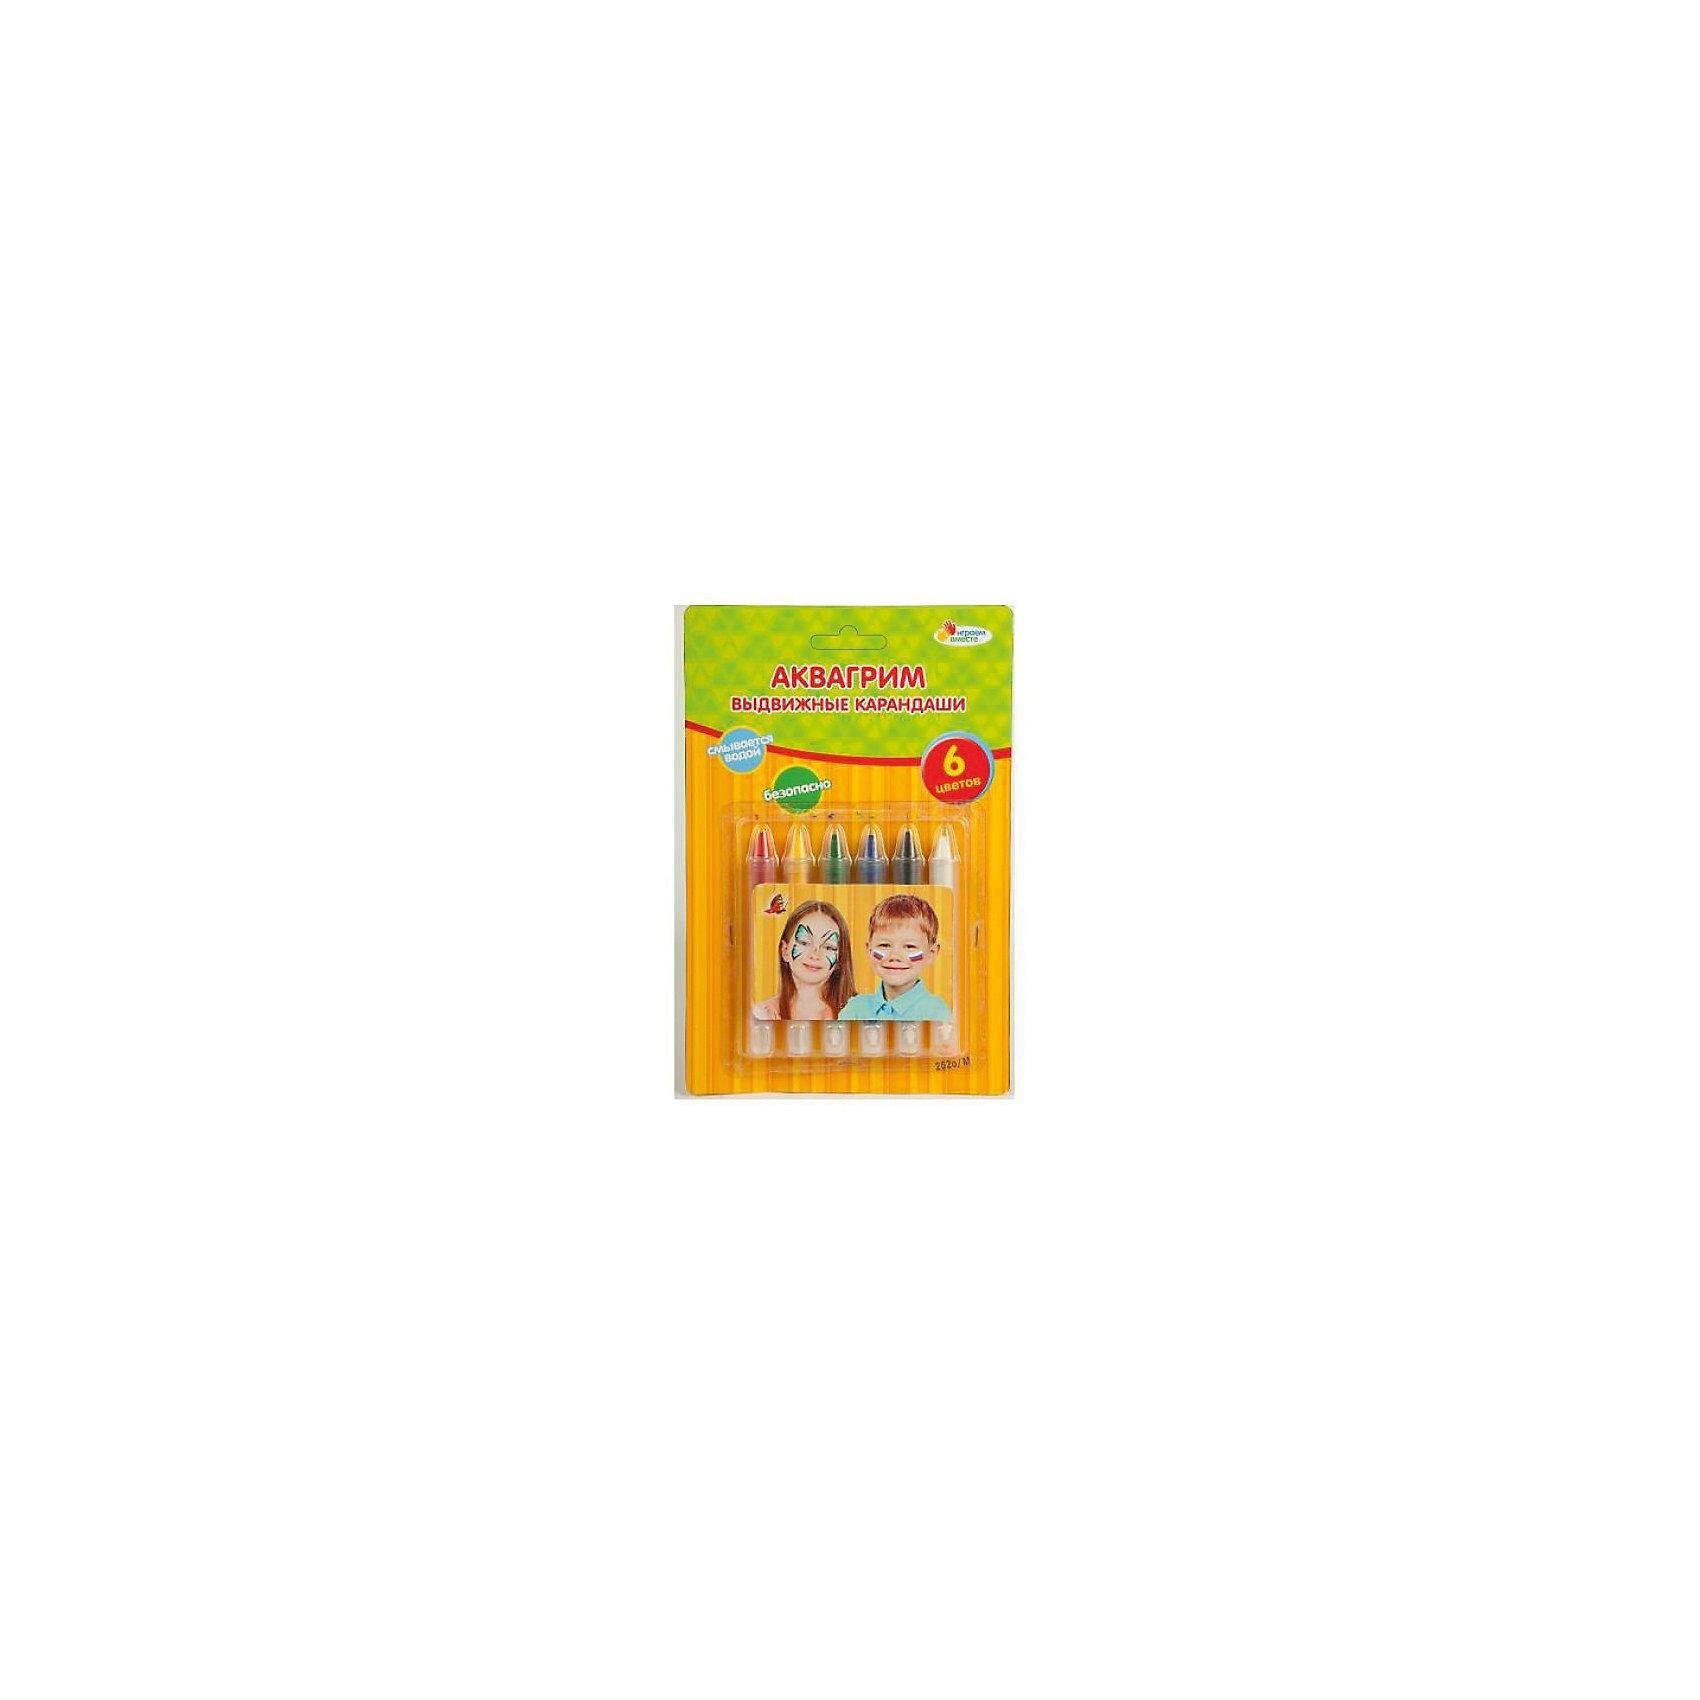 Аквагрим карандаши выдвижные, 6 цветовНабор выдвижных карандашей для аквагрима позволит ребенку создать свой уникальный образ для любого мероприятия. Аквагрим не токсичен и легко смывается водой. Прекрасных выбор для самых ярких и творческих малышей!<br>Дополнительная информация:<br>-в наборе: карандаши 6 шт.<br>-вес: 80 грамм<br>-размер упаковки: 21х14х2 см<br>Набор выдвижных карандашей для аквагрима вы можете купить в нашем интернет-магазине.<br><br>Ширина мм: 20<br>Глубина мм: 140<br>Высота мм: 210<br>Вес г: 80<br>Возраст от месяцев: 36<br>Возраст до месяцев: 84<br>Пол: Унисекс<br>Возраст: Детский<br>SKU: 4915476